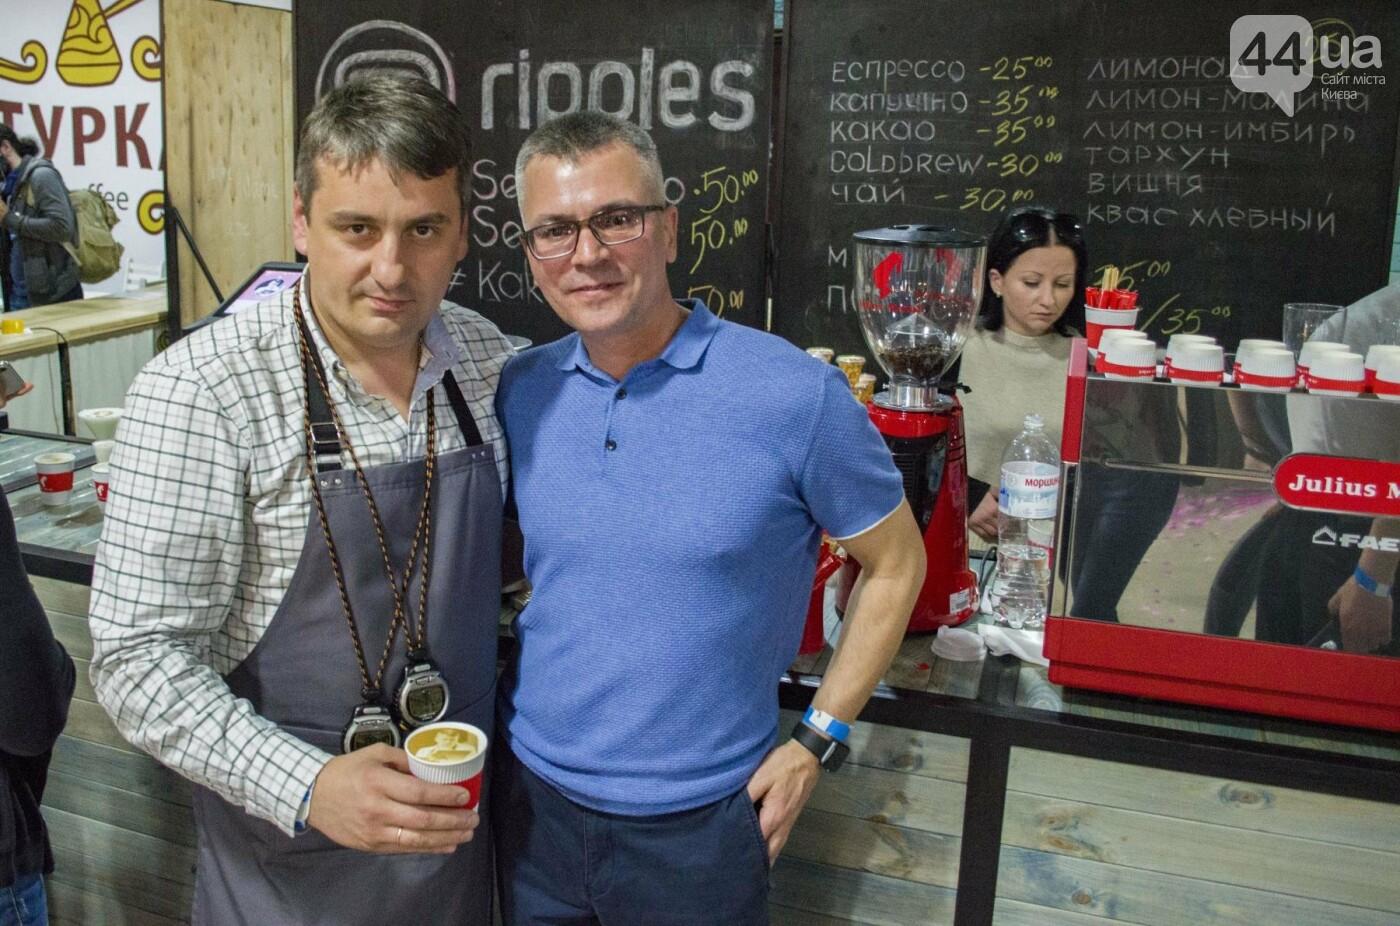 В Киеве прошел самый масштабный кофейный фестиваль страны, фото-12